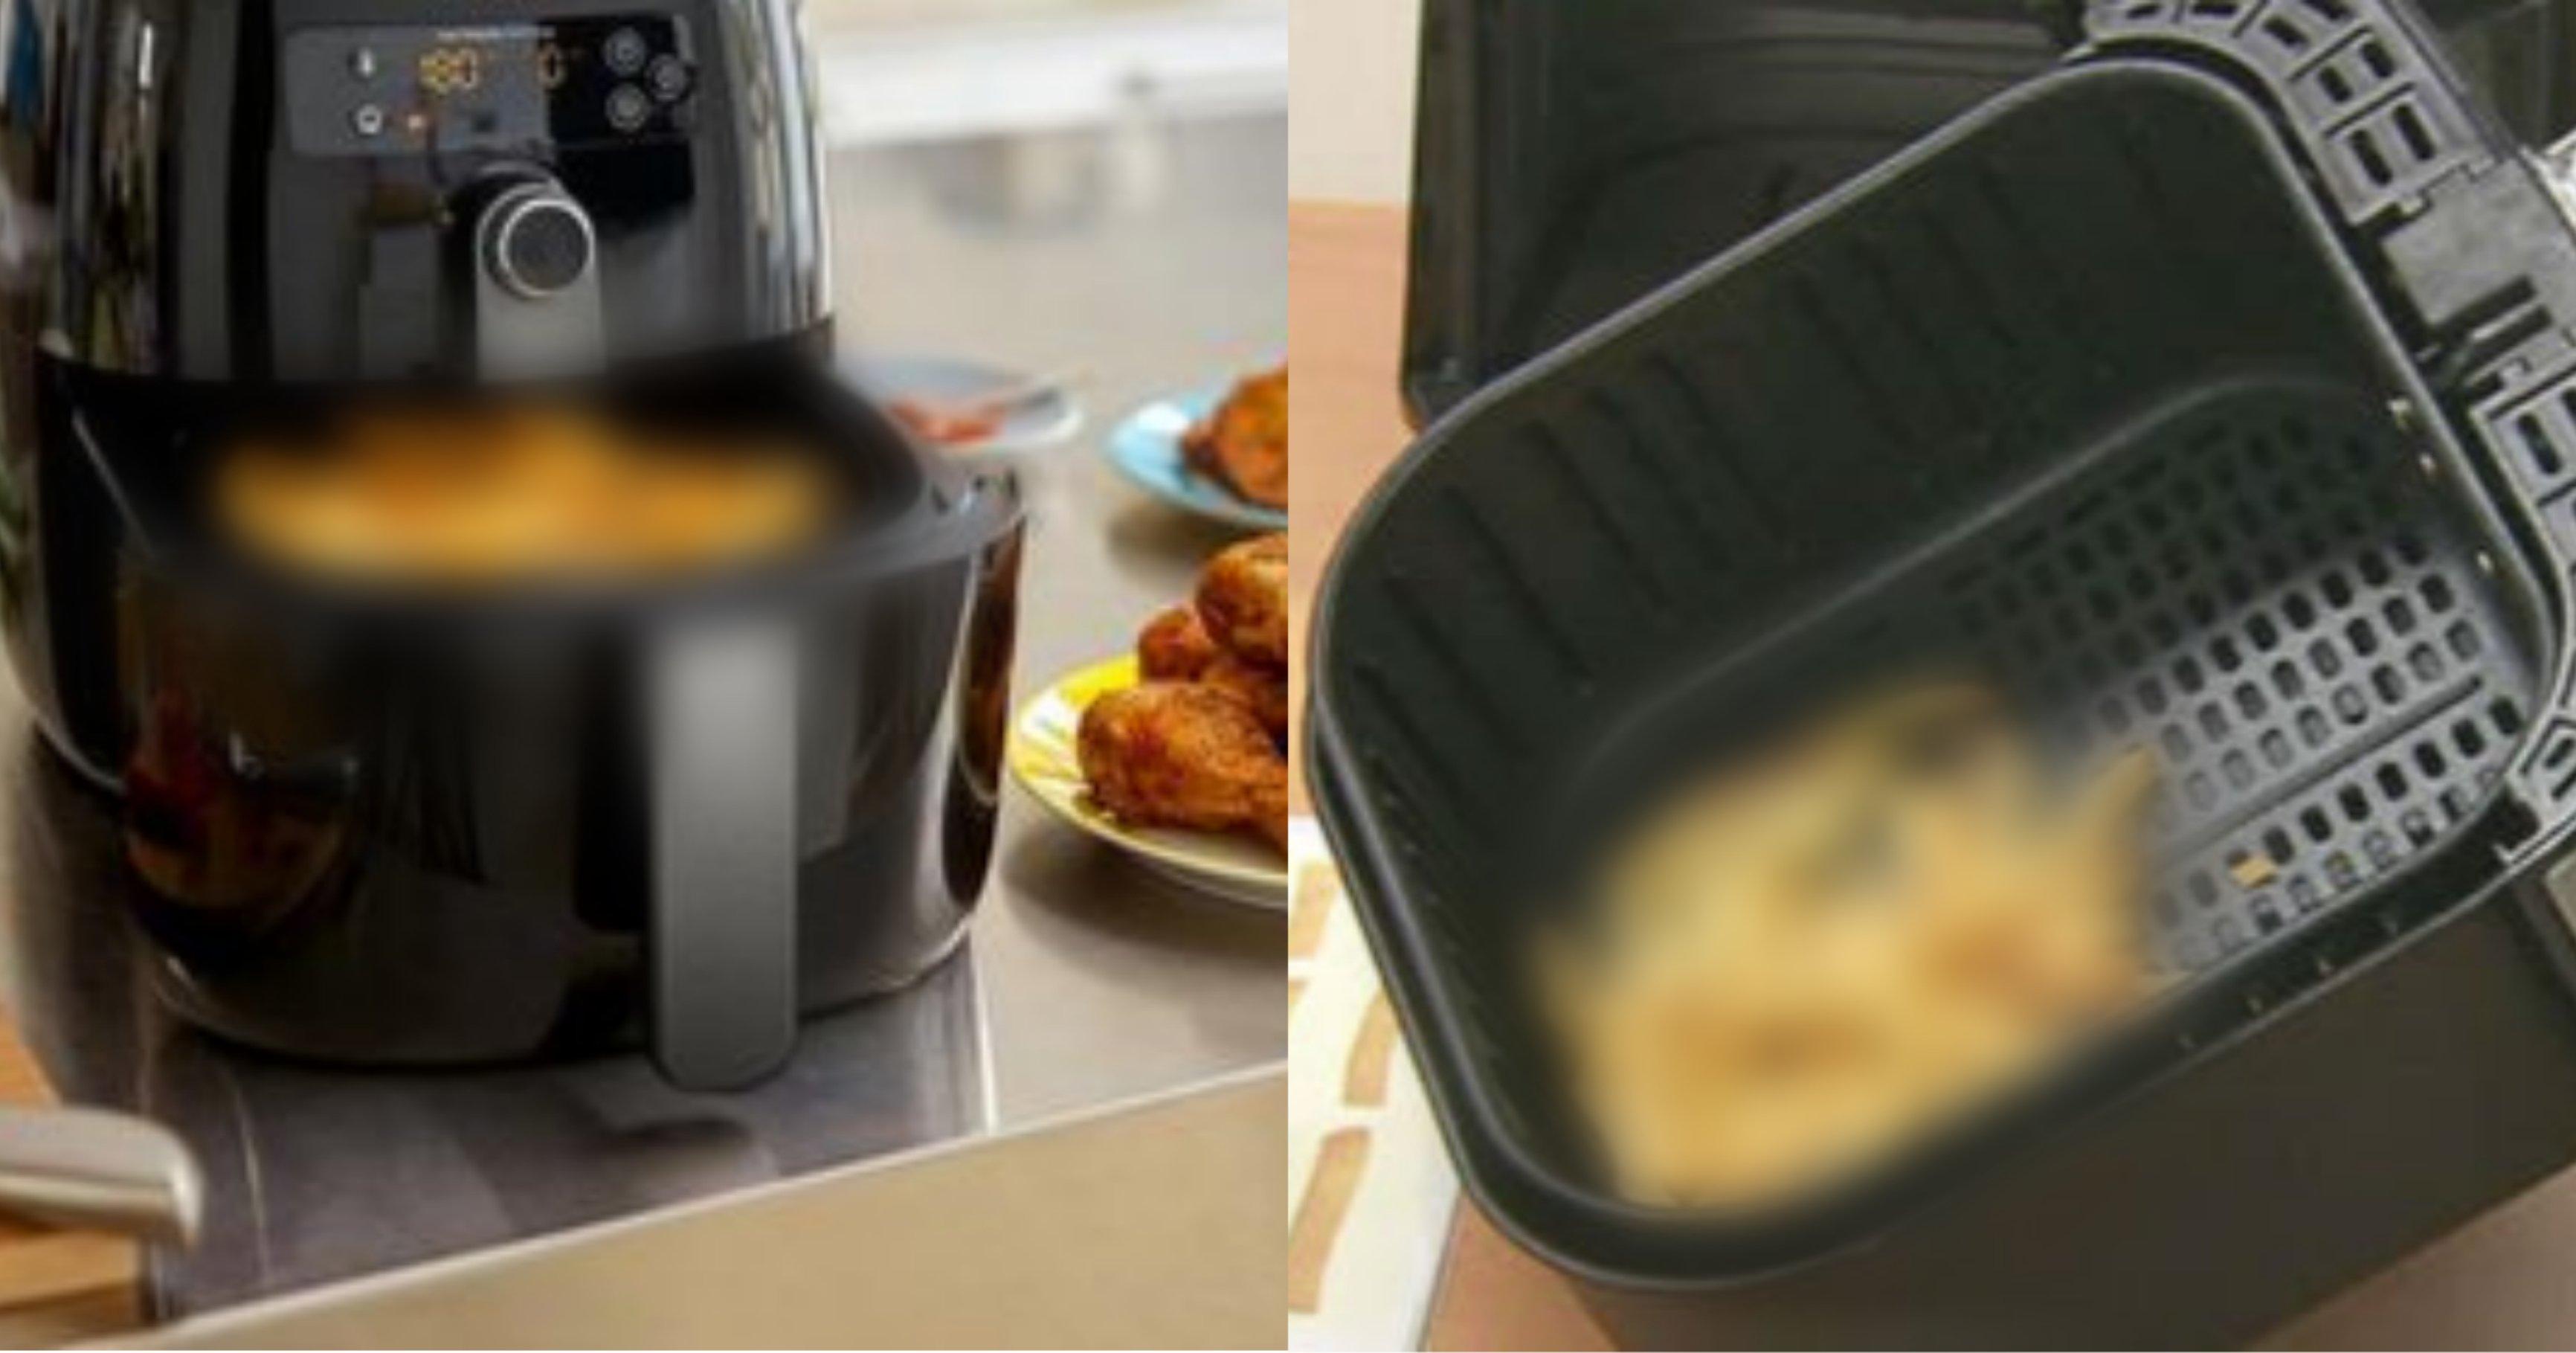 kakaotalk 20211018 181639816.jpg?resize=412,232 - 에어프라이어로 조리할 때 '이 음식'은 꼭 주의해야 한다는 음식의 정체